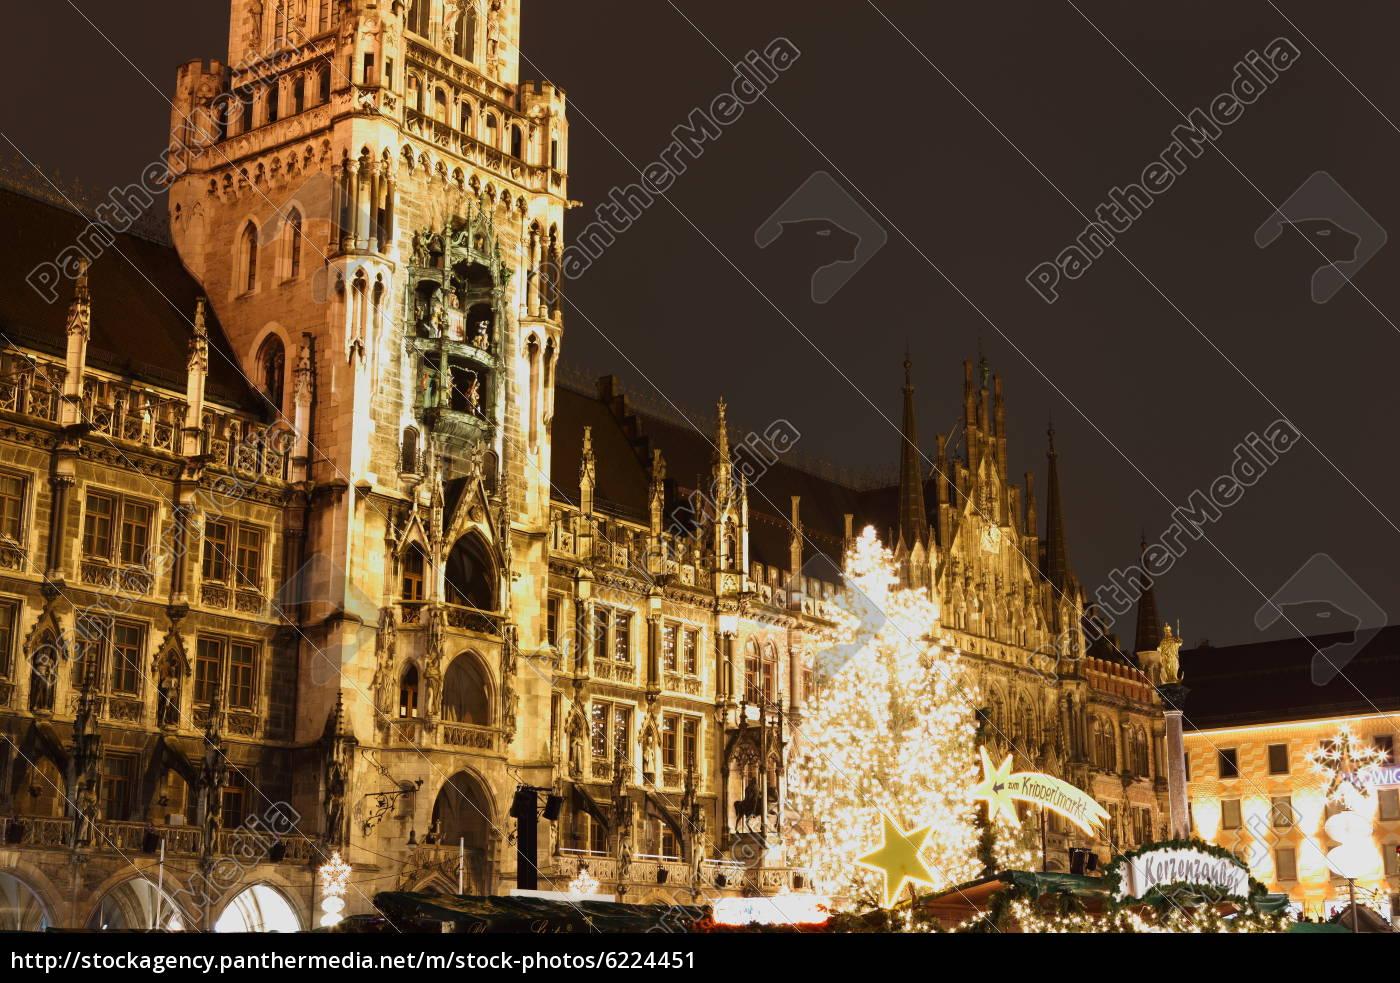 Marienplatz Weihnachtsmarkt.Stockfoto 6224451 Weihnachtsmarkt Am Marienplatz München